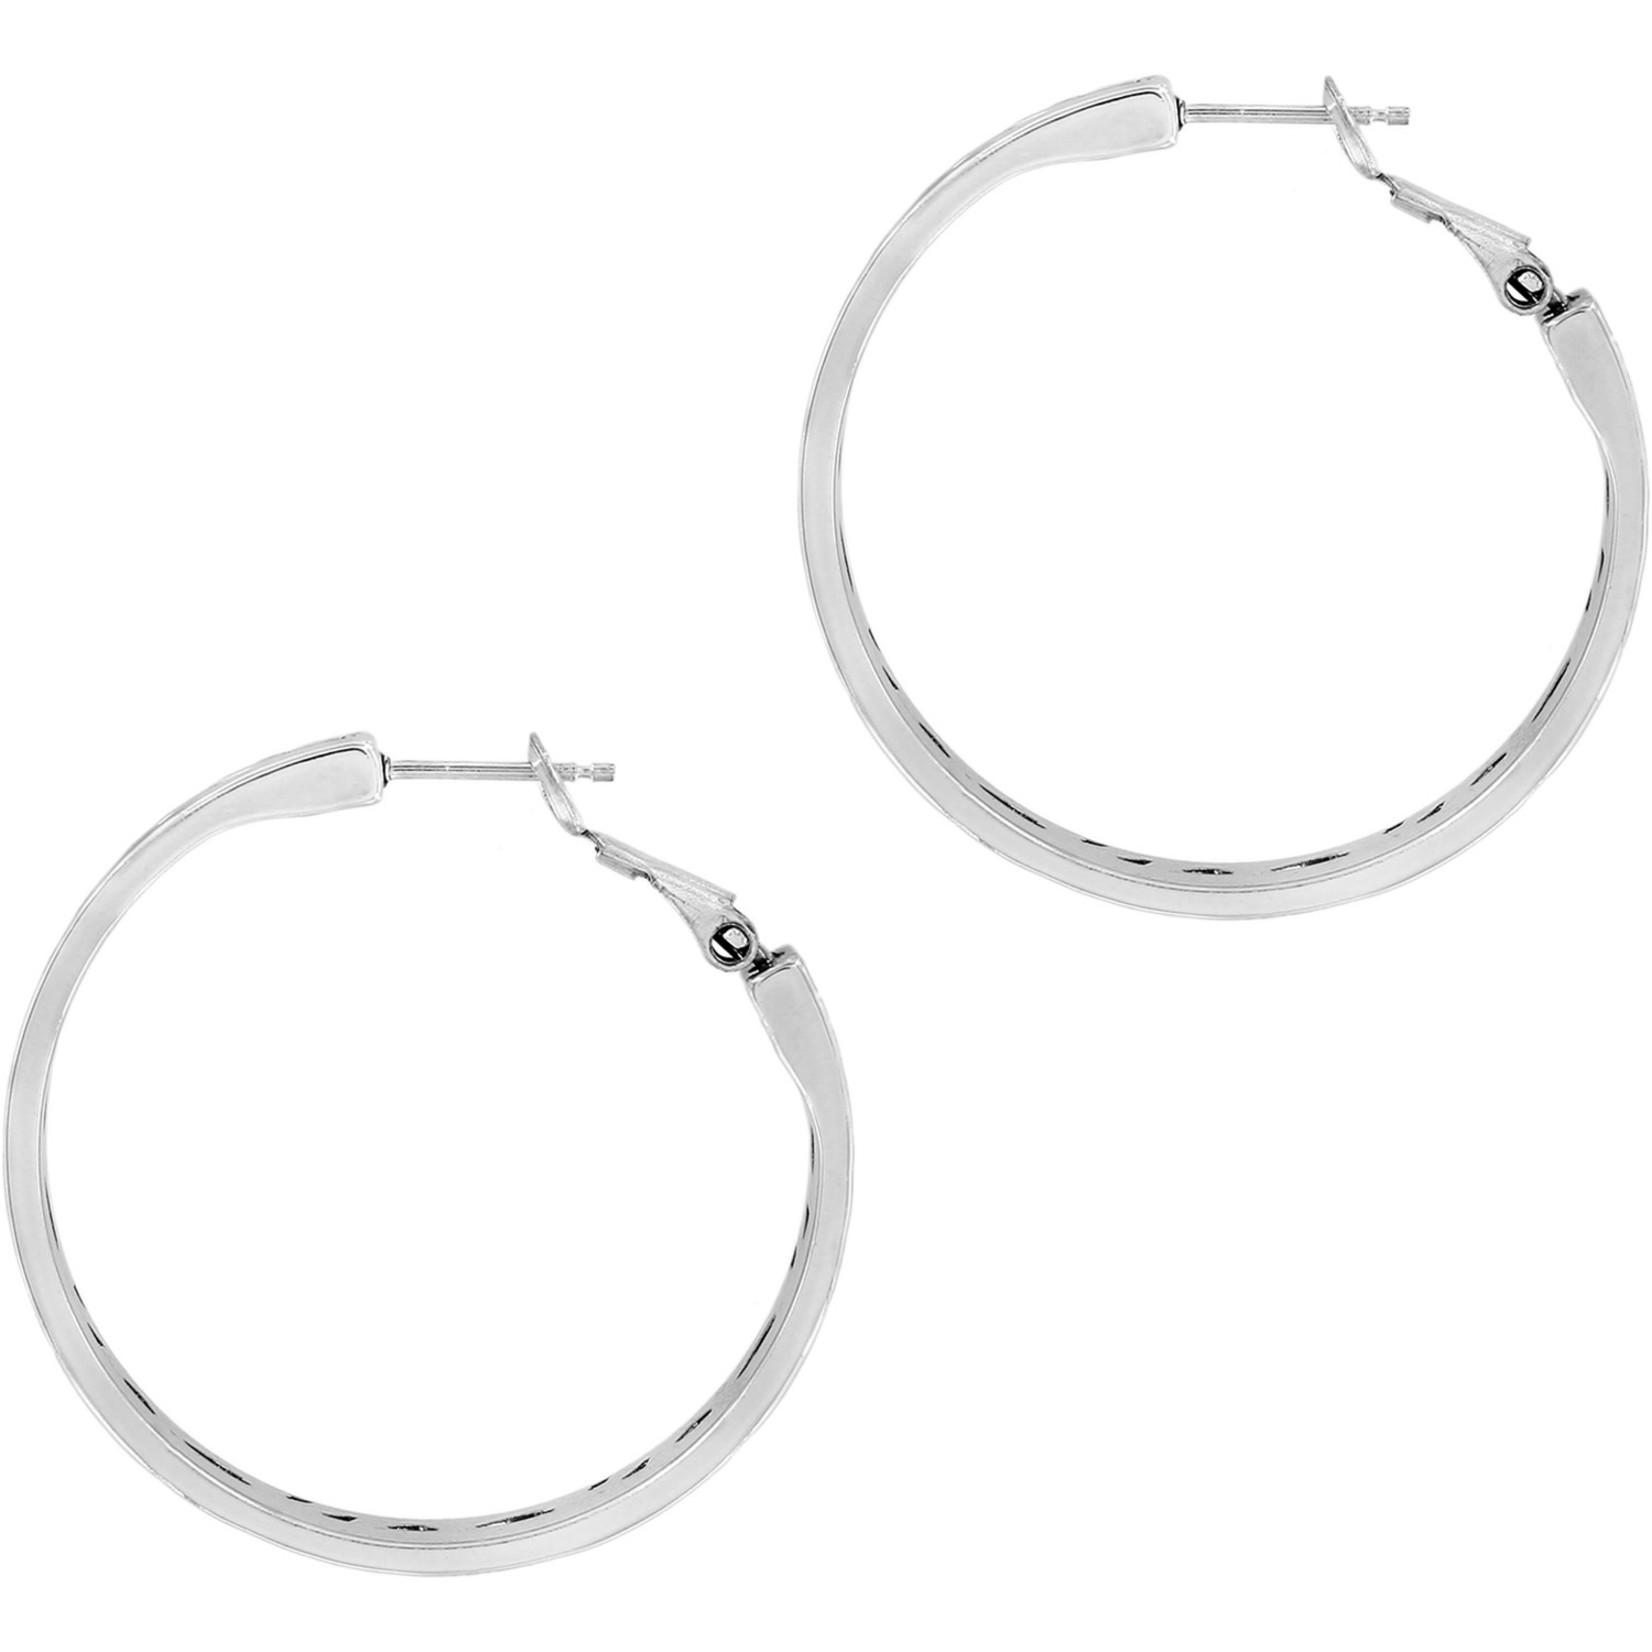 Brighton JA6453 Barbados Park Hoop Earrings